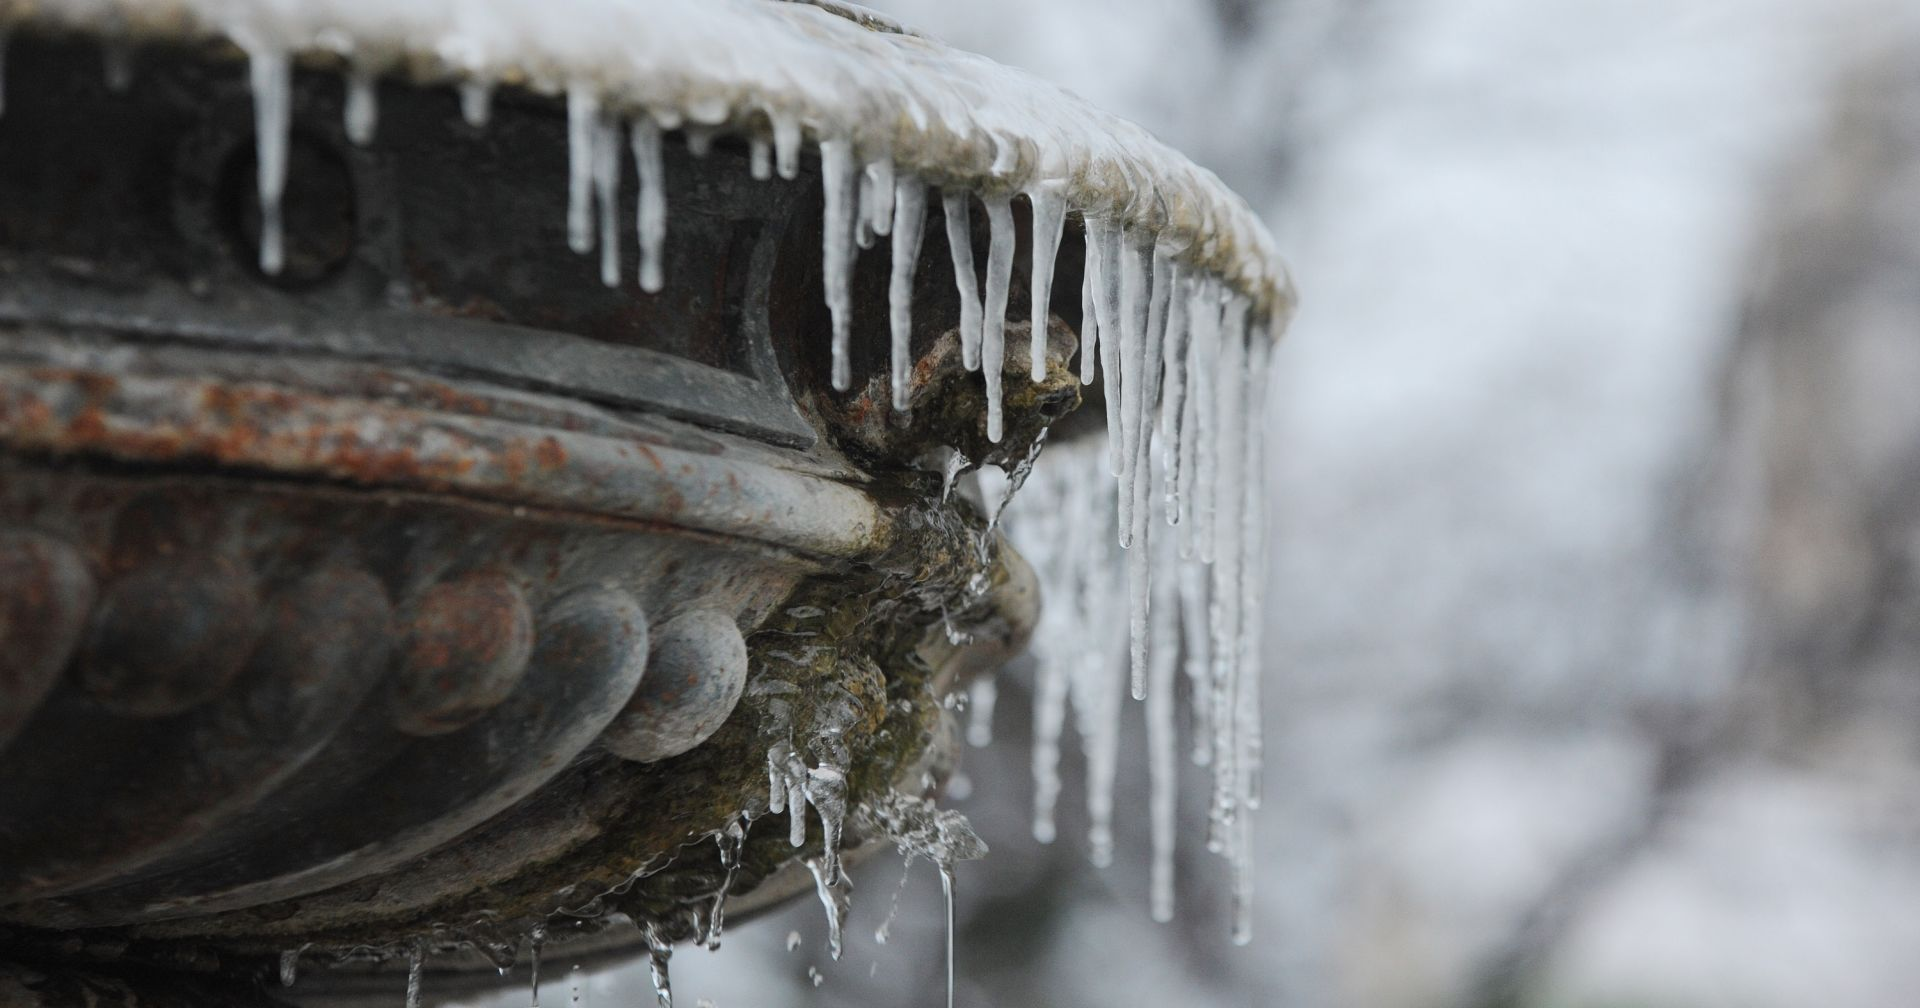 HAK Moguće poledice zbog niskih temperatura, kolnici vlažni i skliski